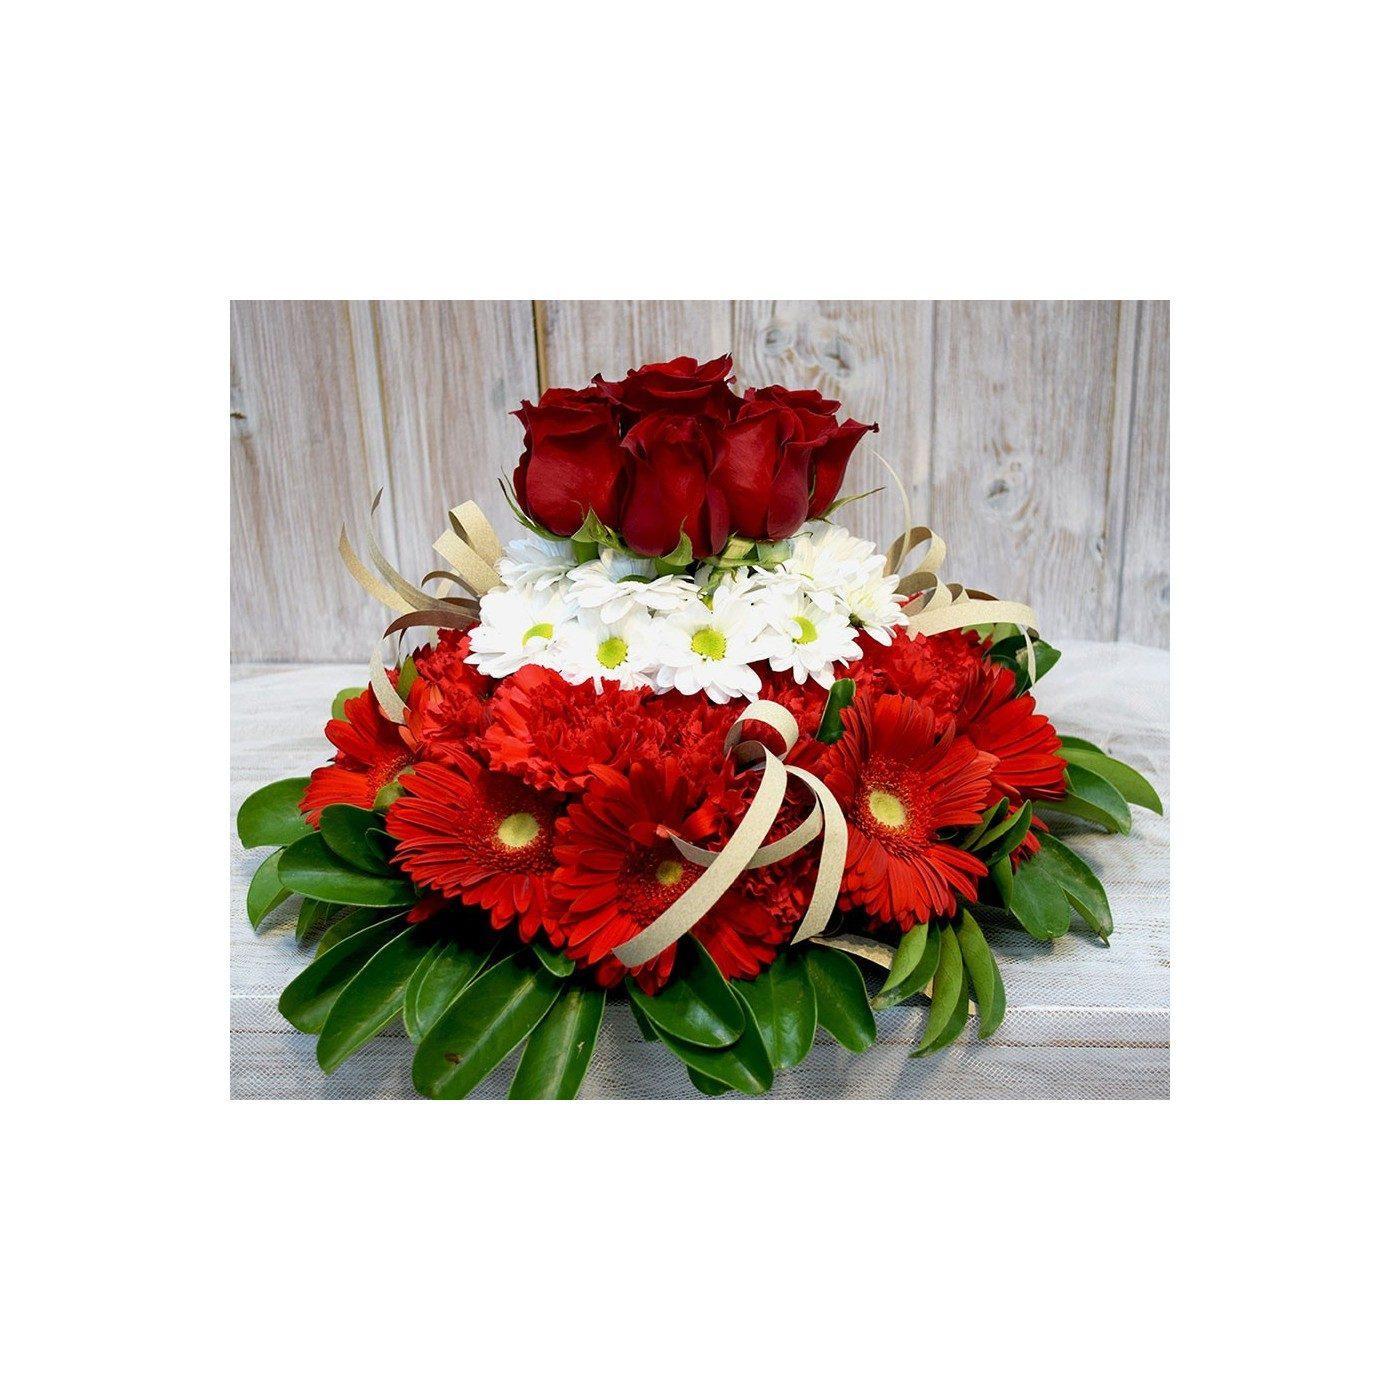 Cake of flower